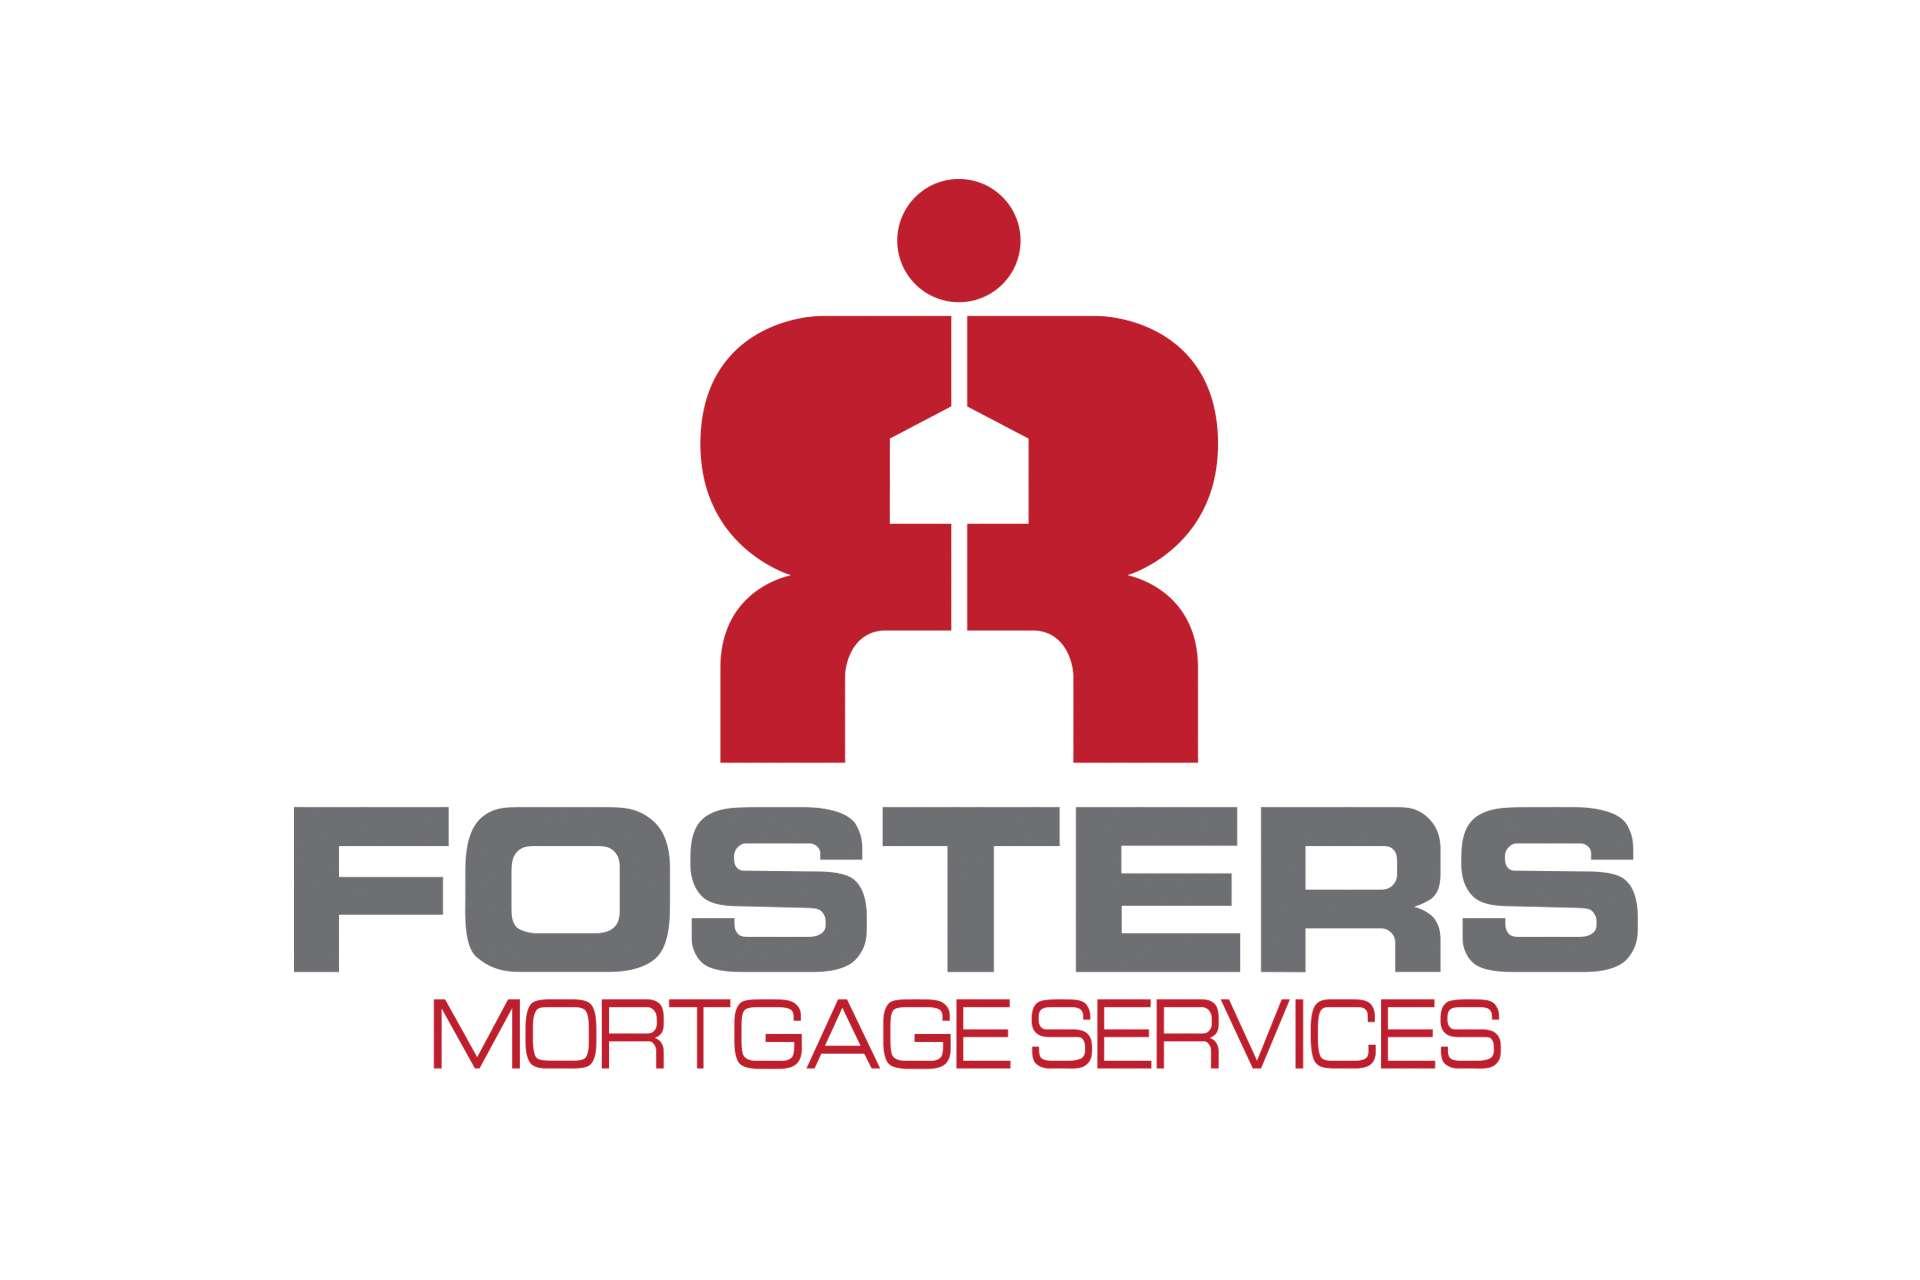 mortgages-logo-design-clevedon-bristol